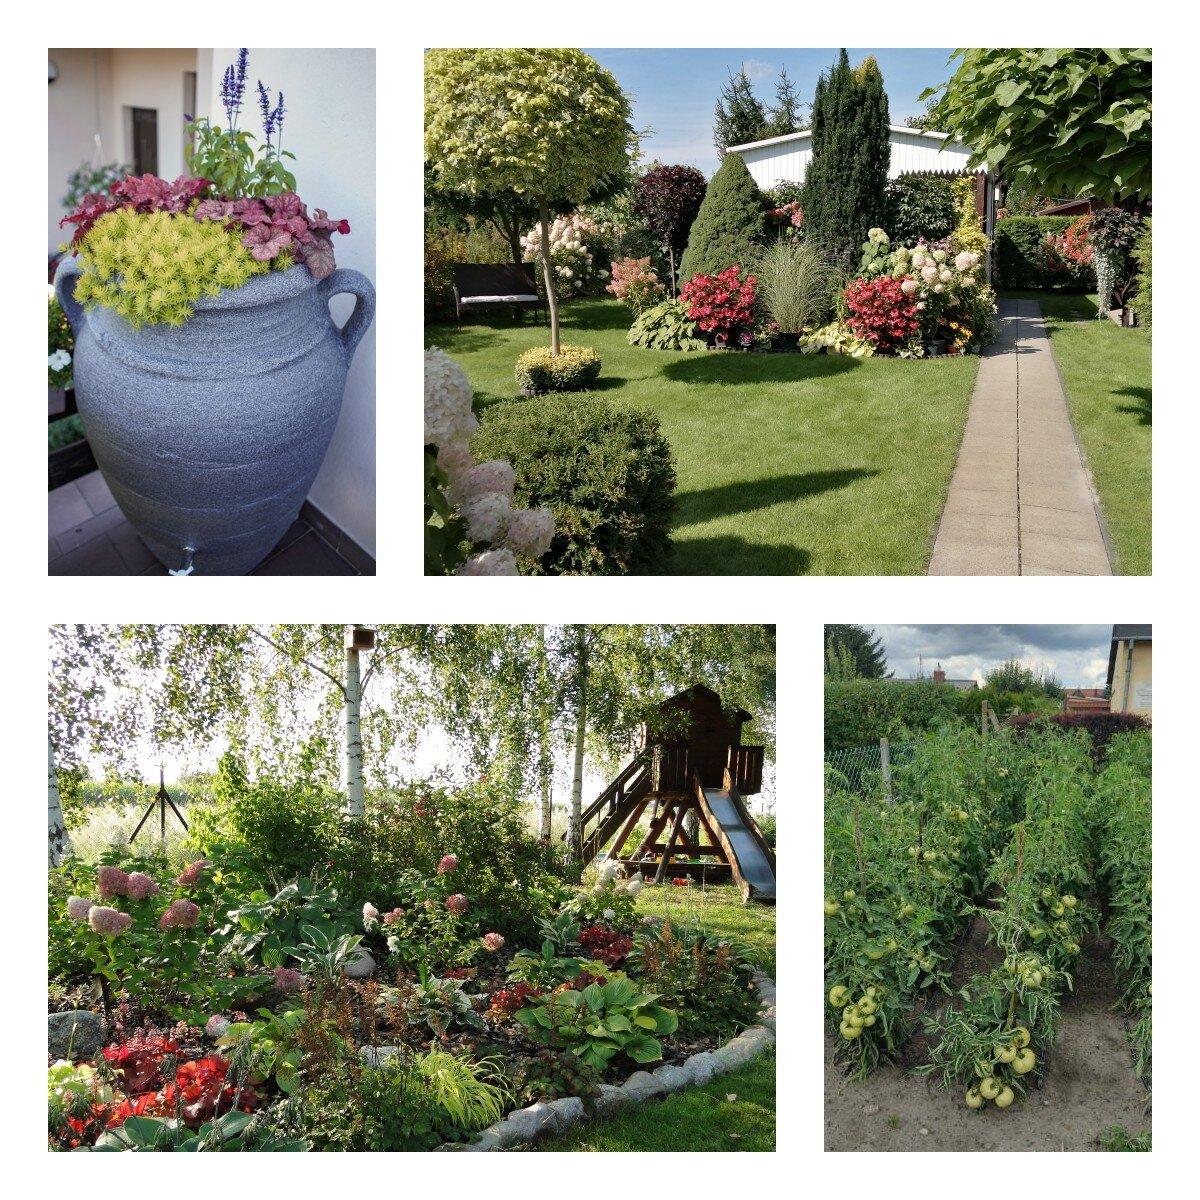 Na zdjęciu działki z krzewami skoszona trawa, na jednym zdjęciu donica amfora z wstawionymi kwiatami, na drugim pomidory z nawadnianem kropelkowym, na kolejnych dwóch działka z trawą i krzewami